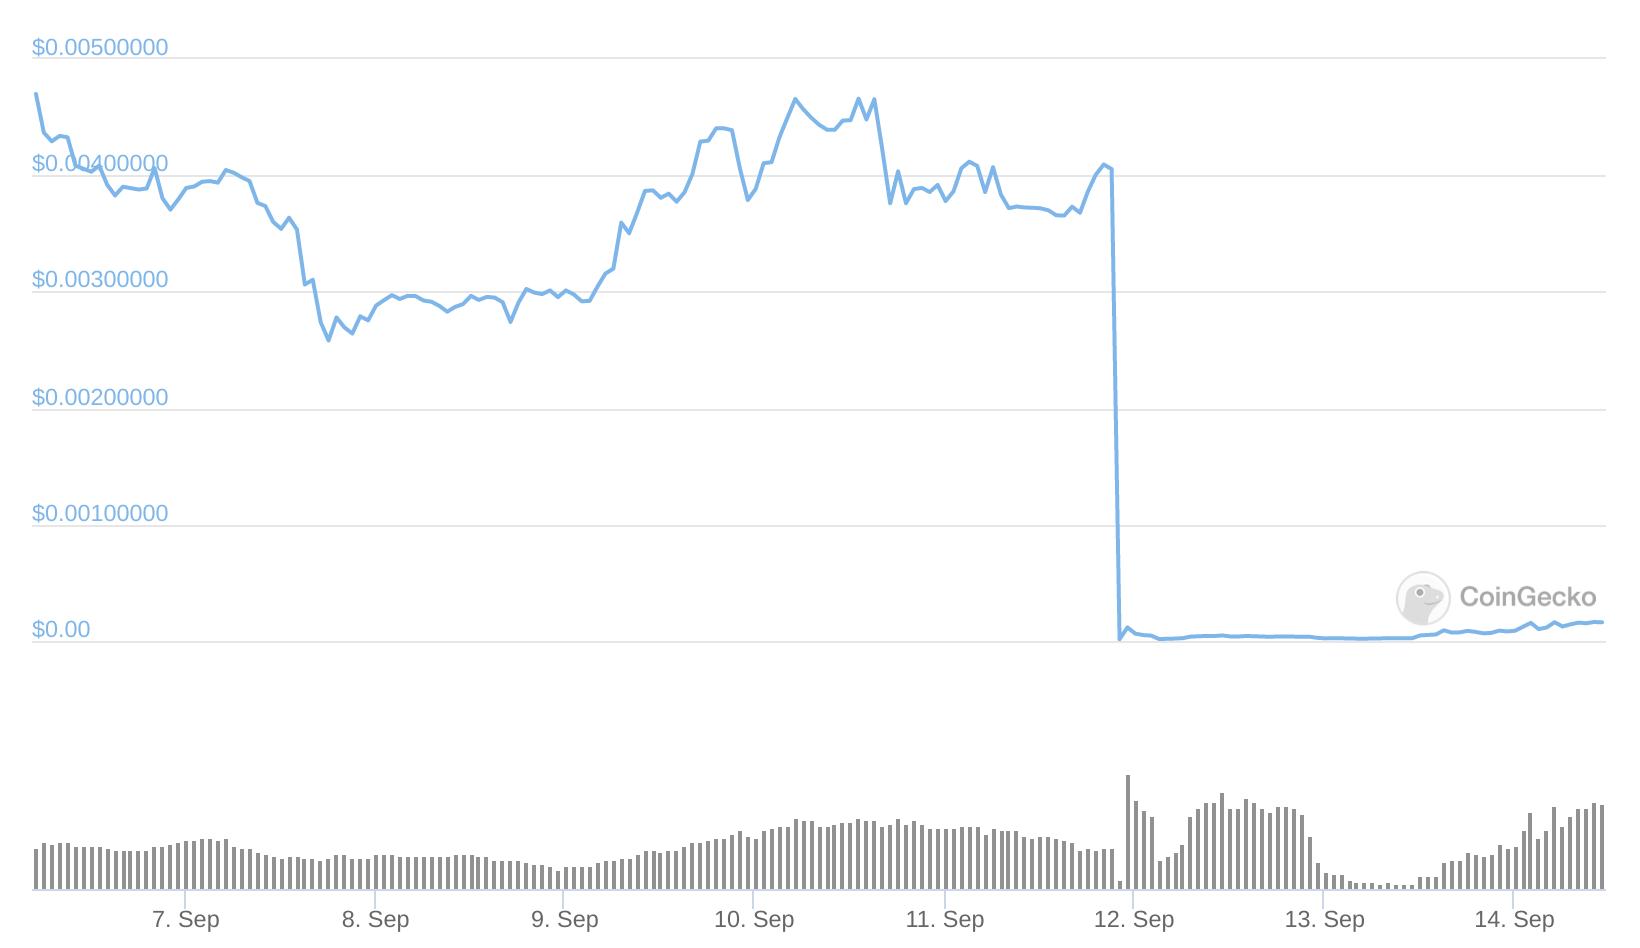 Cours de Zabu face au dollar en unité de temps journalière montrant une chute ahurissante après l'attaque